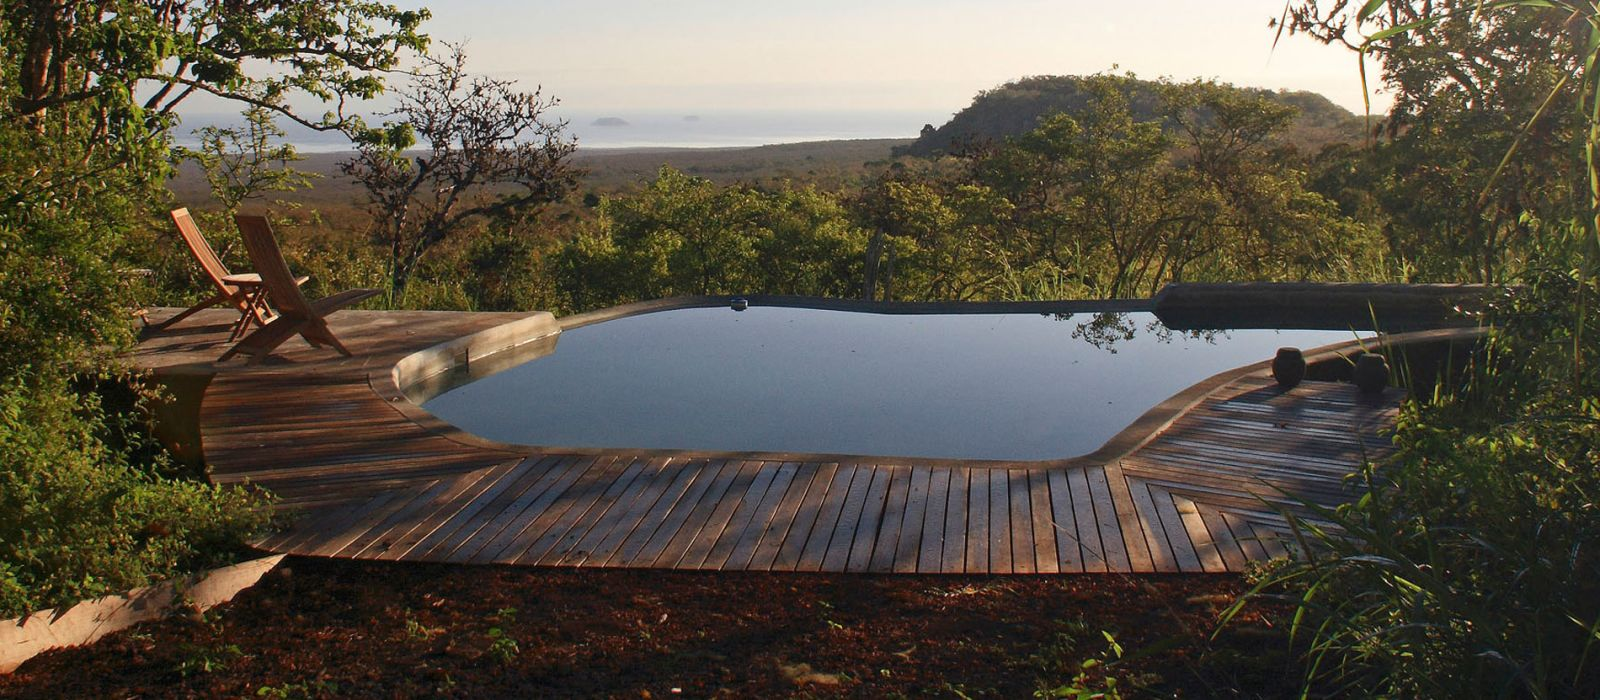 Hotel Galapagos Safari Camp Ecuador/Galapagos